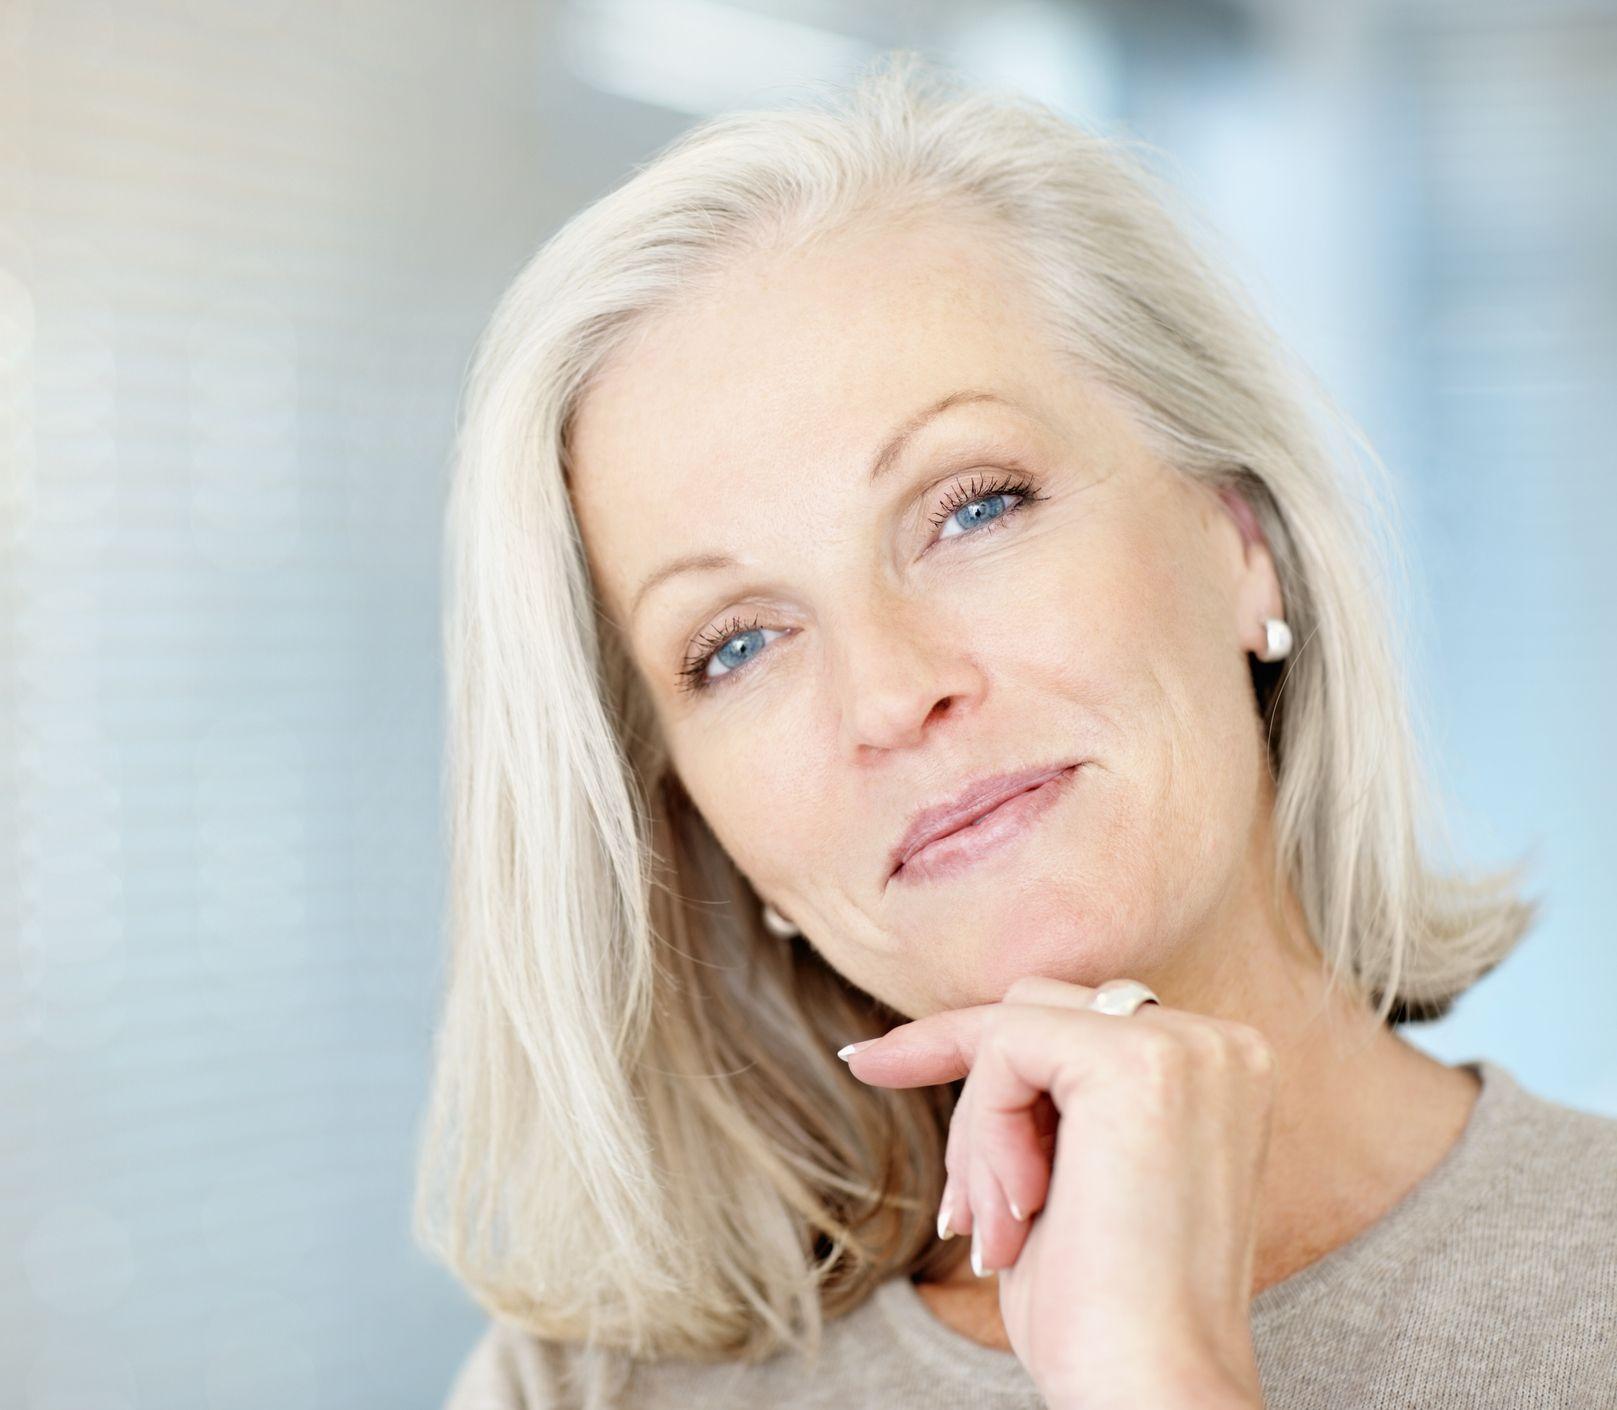 Dá sa starnúť do krásy? Tieto tipy vylepšia váš zovňajšok aj celkové zdravie